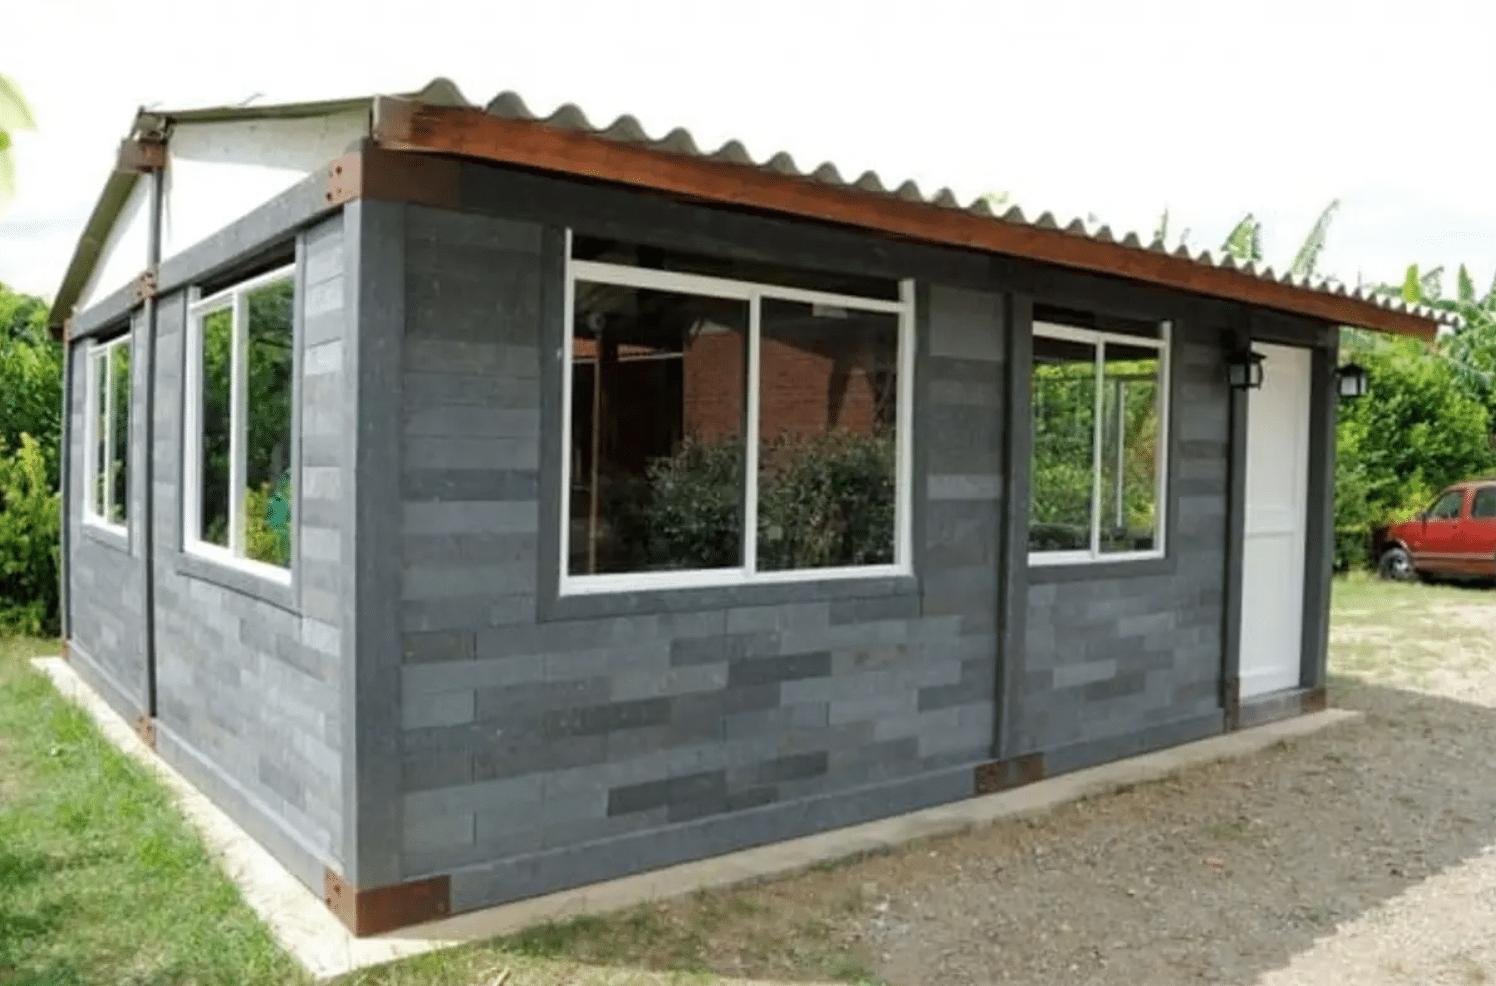 , Casas hechas 100% de Plástico reciclado, Resisten fuego y duran 500 años